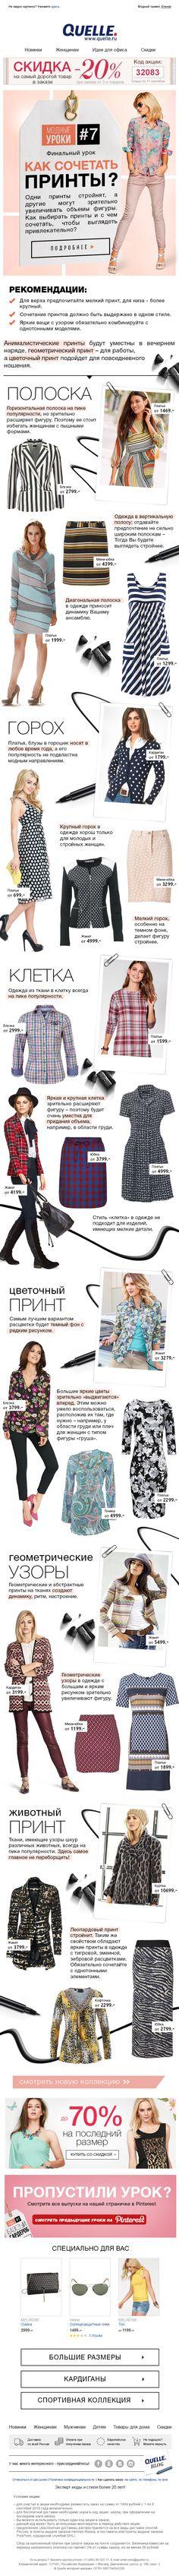 модные уроки, мода, стиль, как сочетать принты, полоска, клетка, горох, цветы, леопардовый, лук, look, fashion, женская одежда